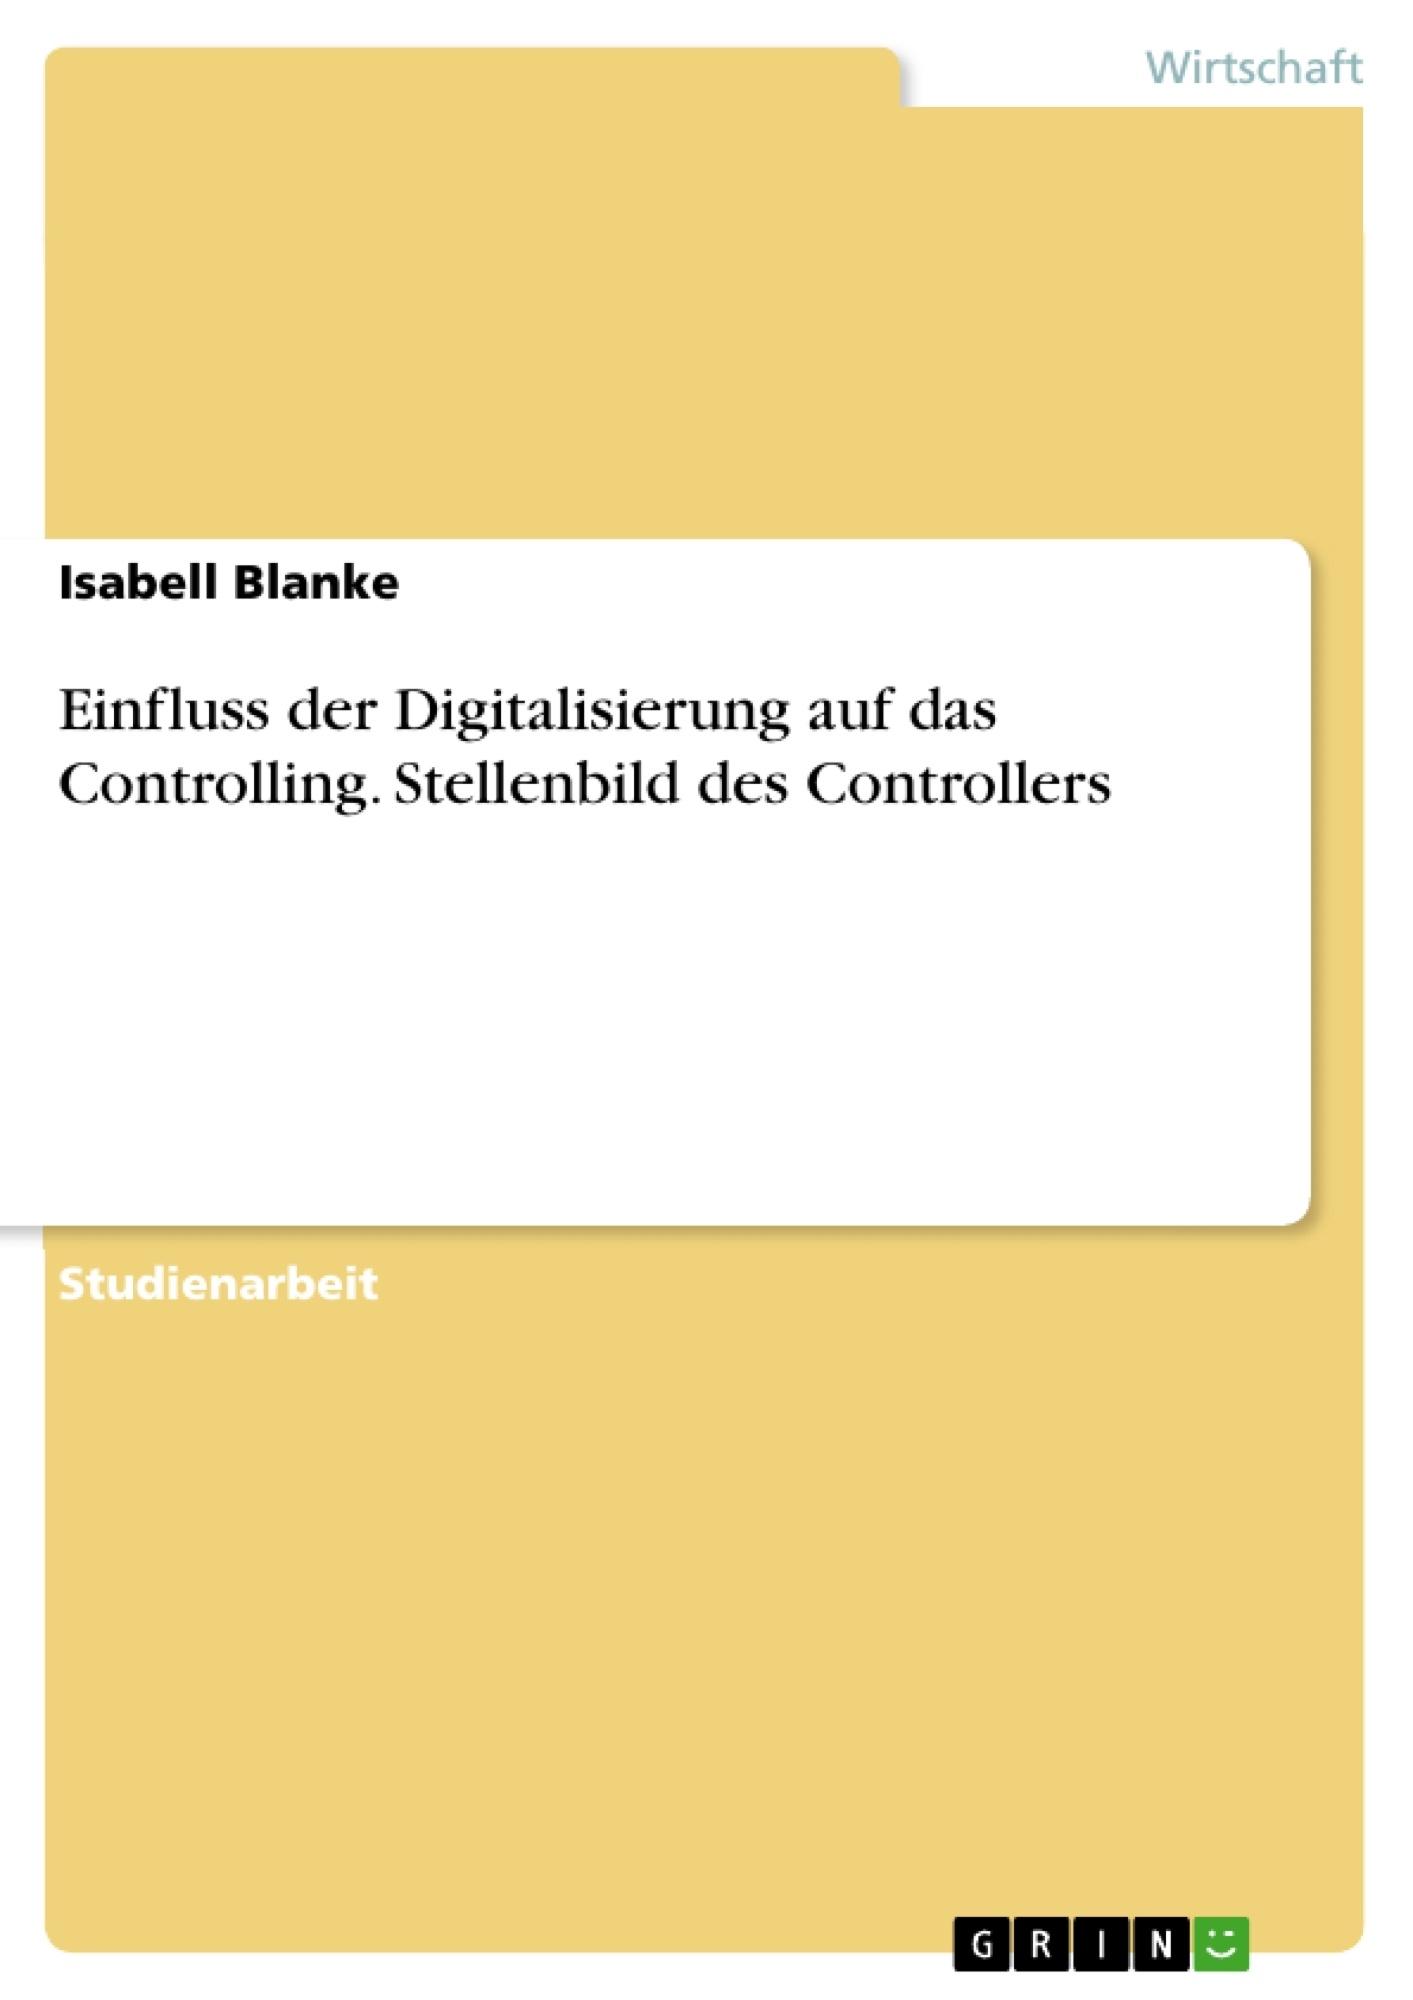 Titel: Einfluss der Digitalisierung auf das Controlling. Stellenbild des Controllers